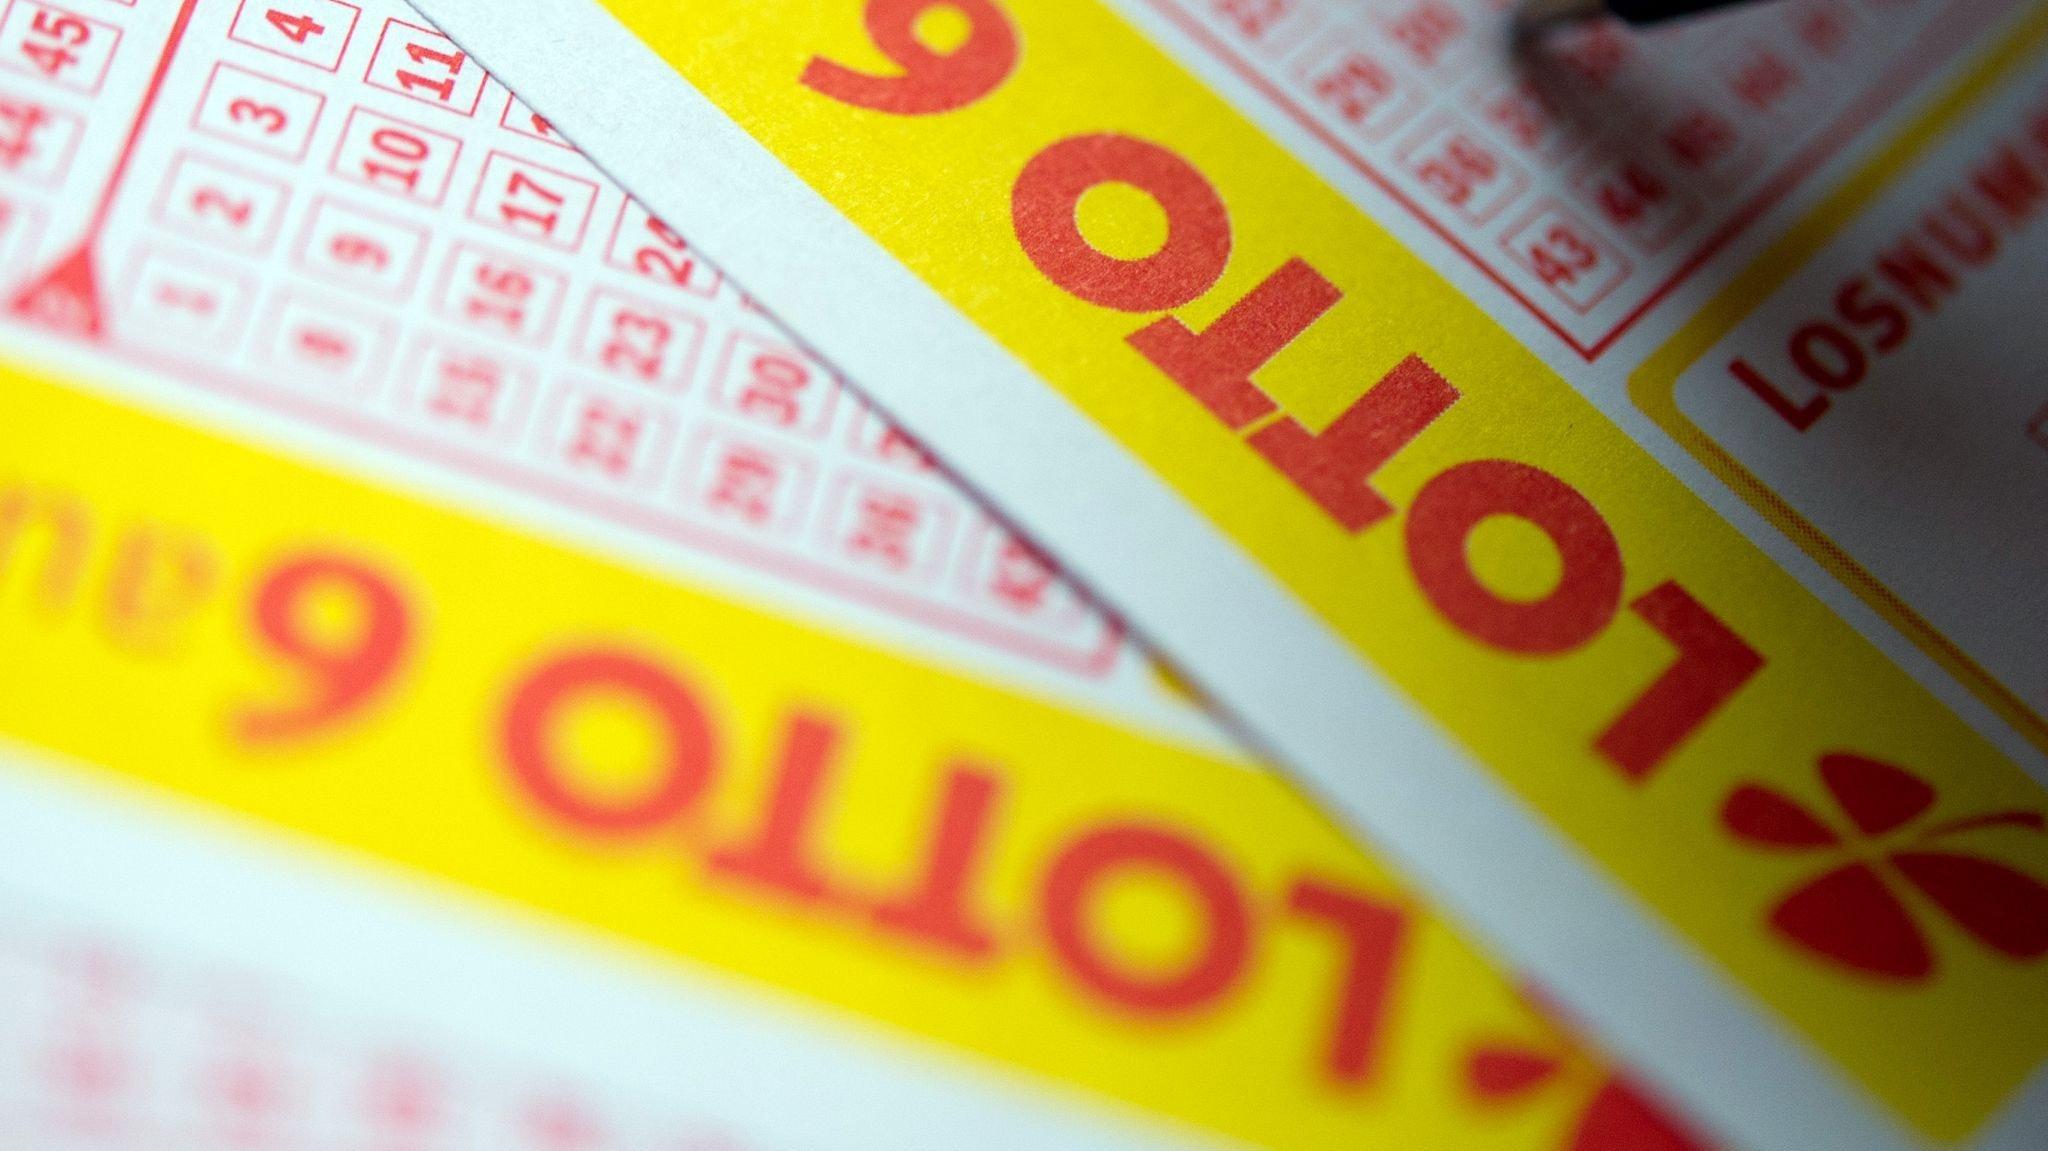 Lottoglück in Niedersachsen: Im Kreis Diepholz gewann am vergangenen Samstag ein Lottospieler mehr als 3,8 Millionen Euro. Foto. dpa